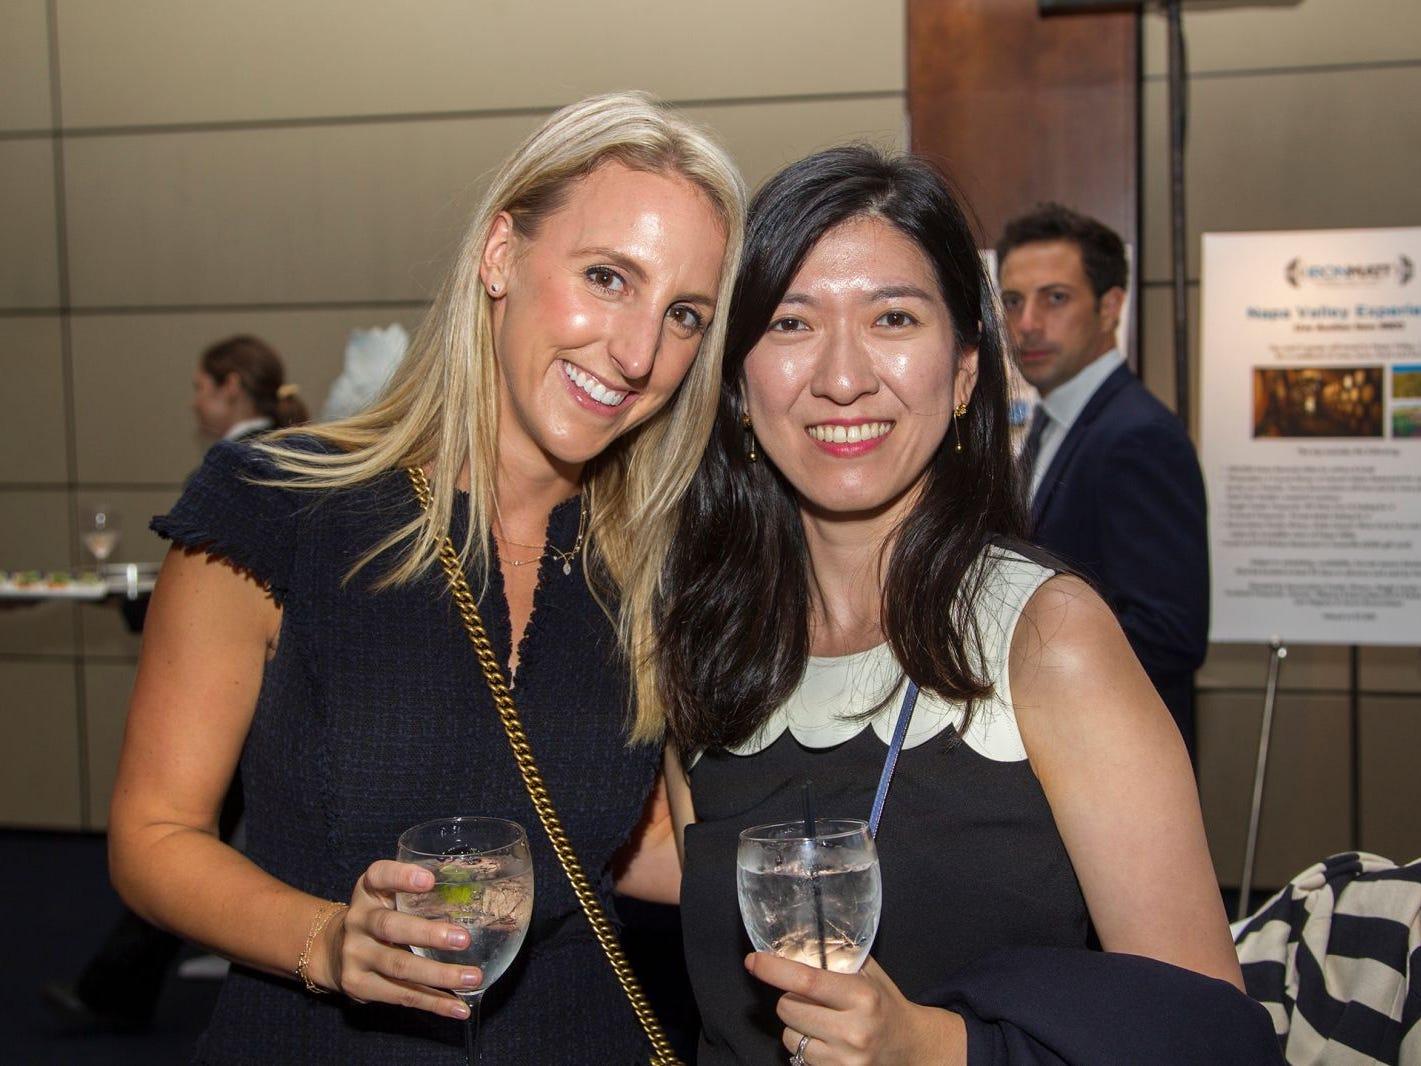 Anie Cheslin, Karthy Chen. 11th annual IronMatt Fundraiser Gala at Pier 60 Chelsea Piers. 09/20/2018